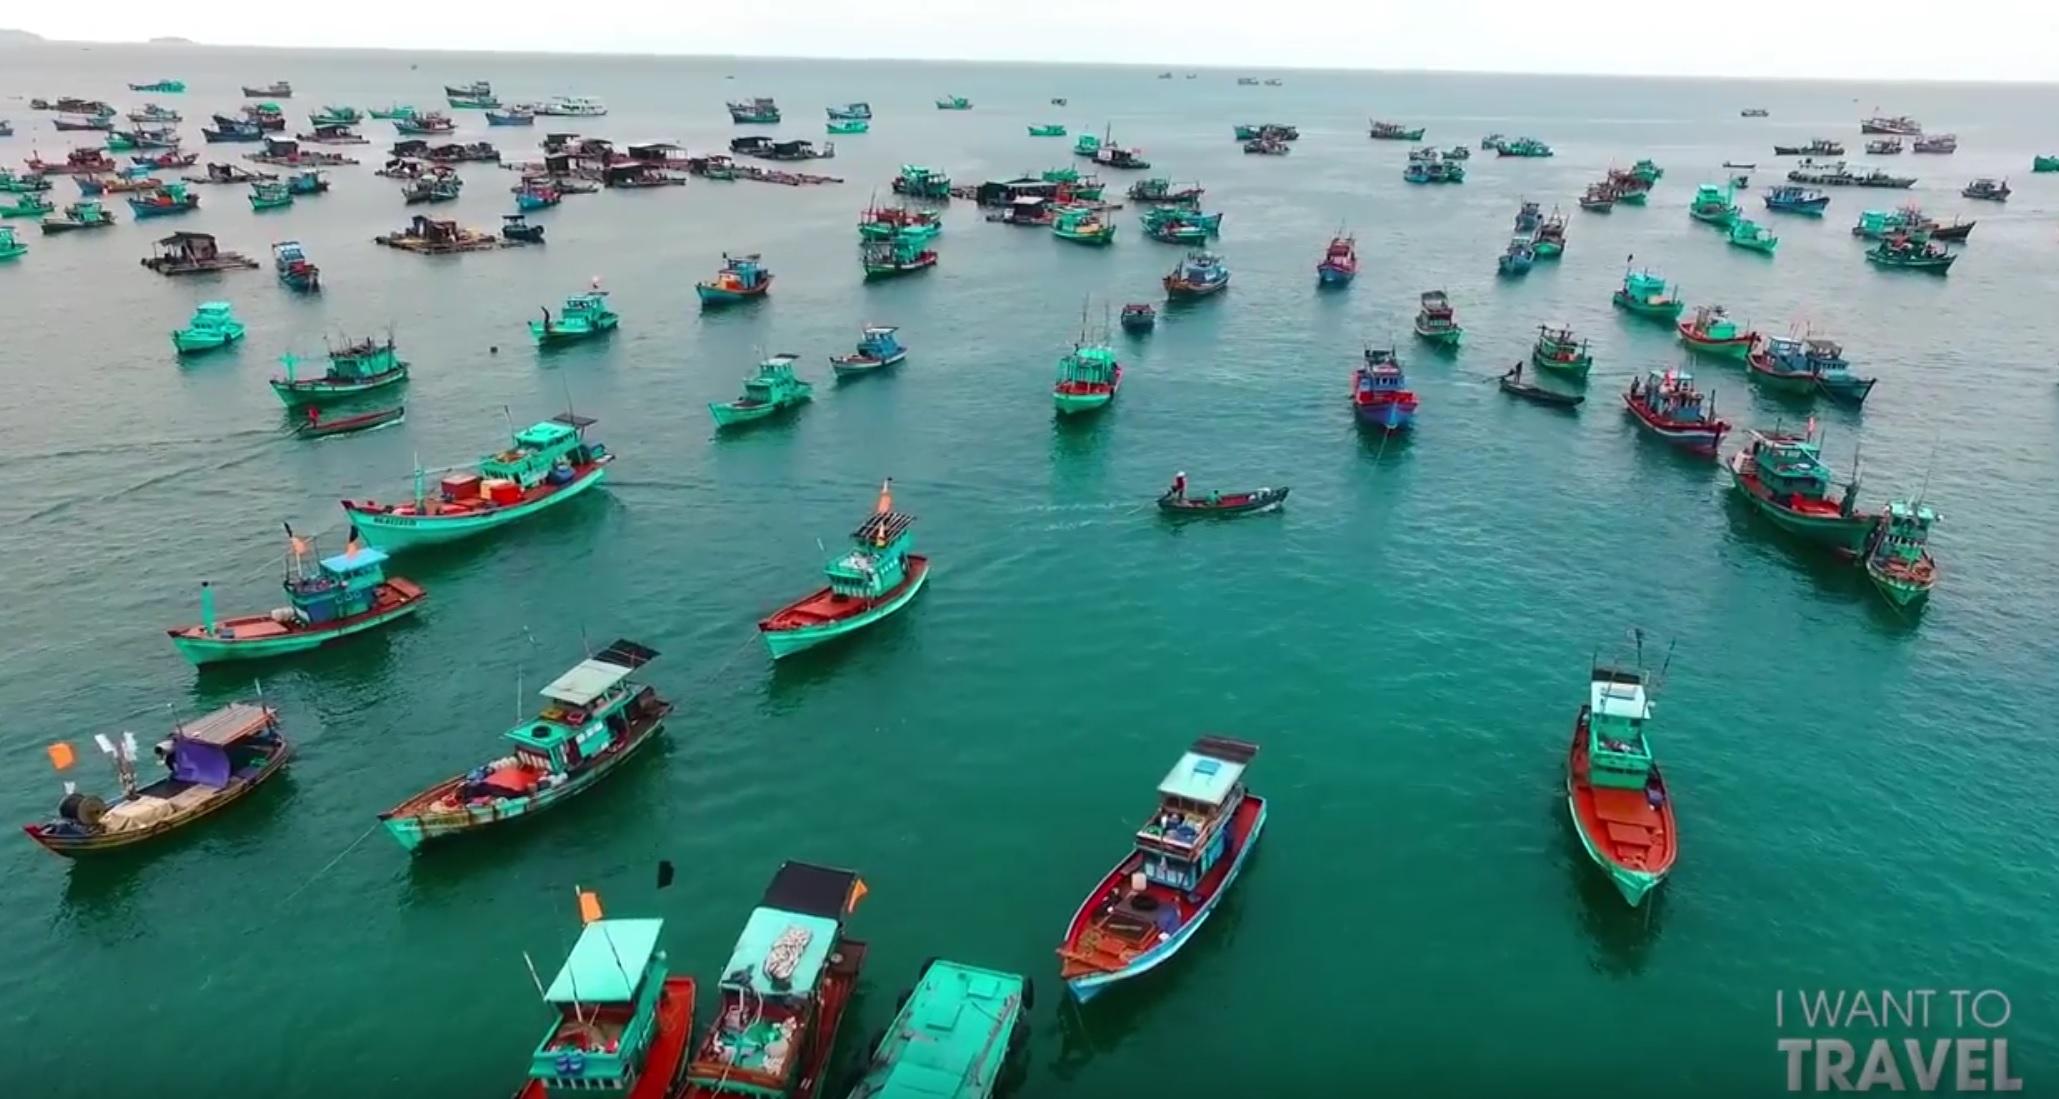 Suốt ngày đi Thái, đi Hàn, bạn có đang bỏ lỡ một Việt Nam đẹp xuất sắc như trong clip? - Ảnh 5.